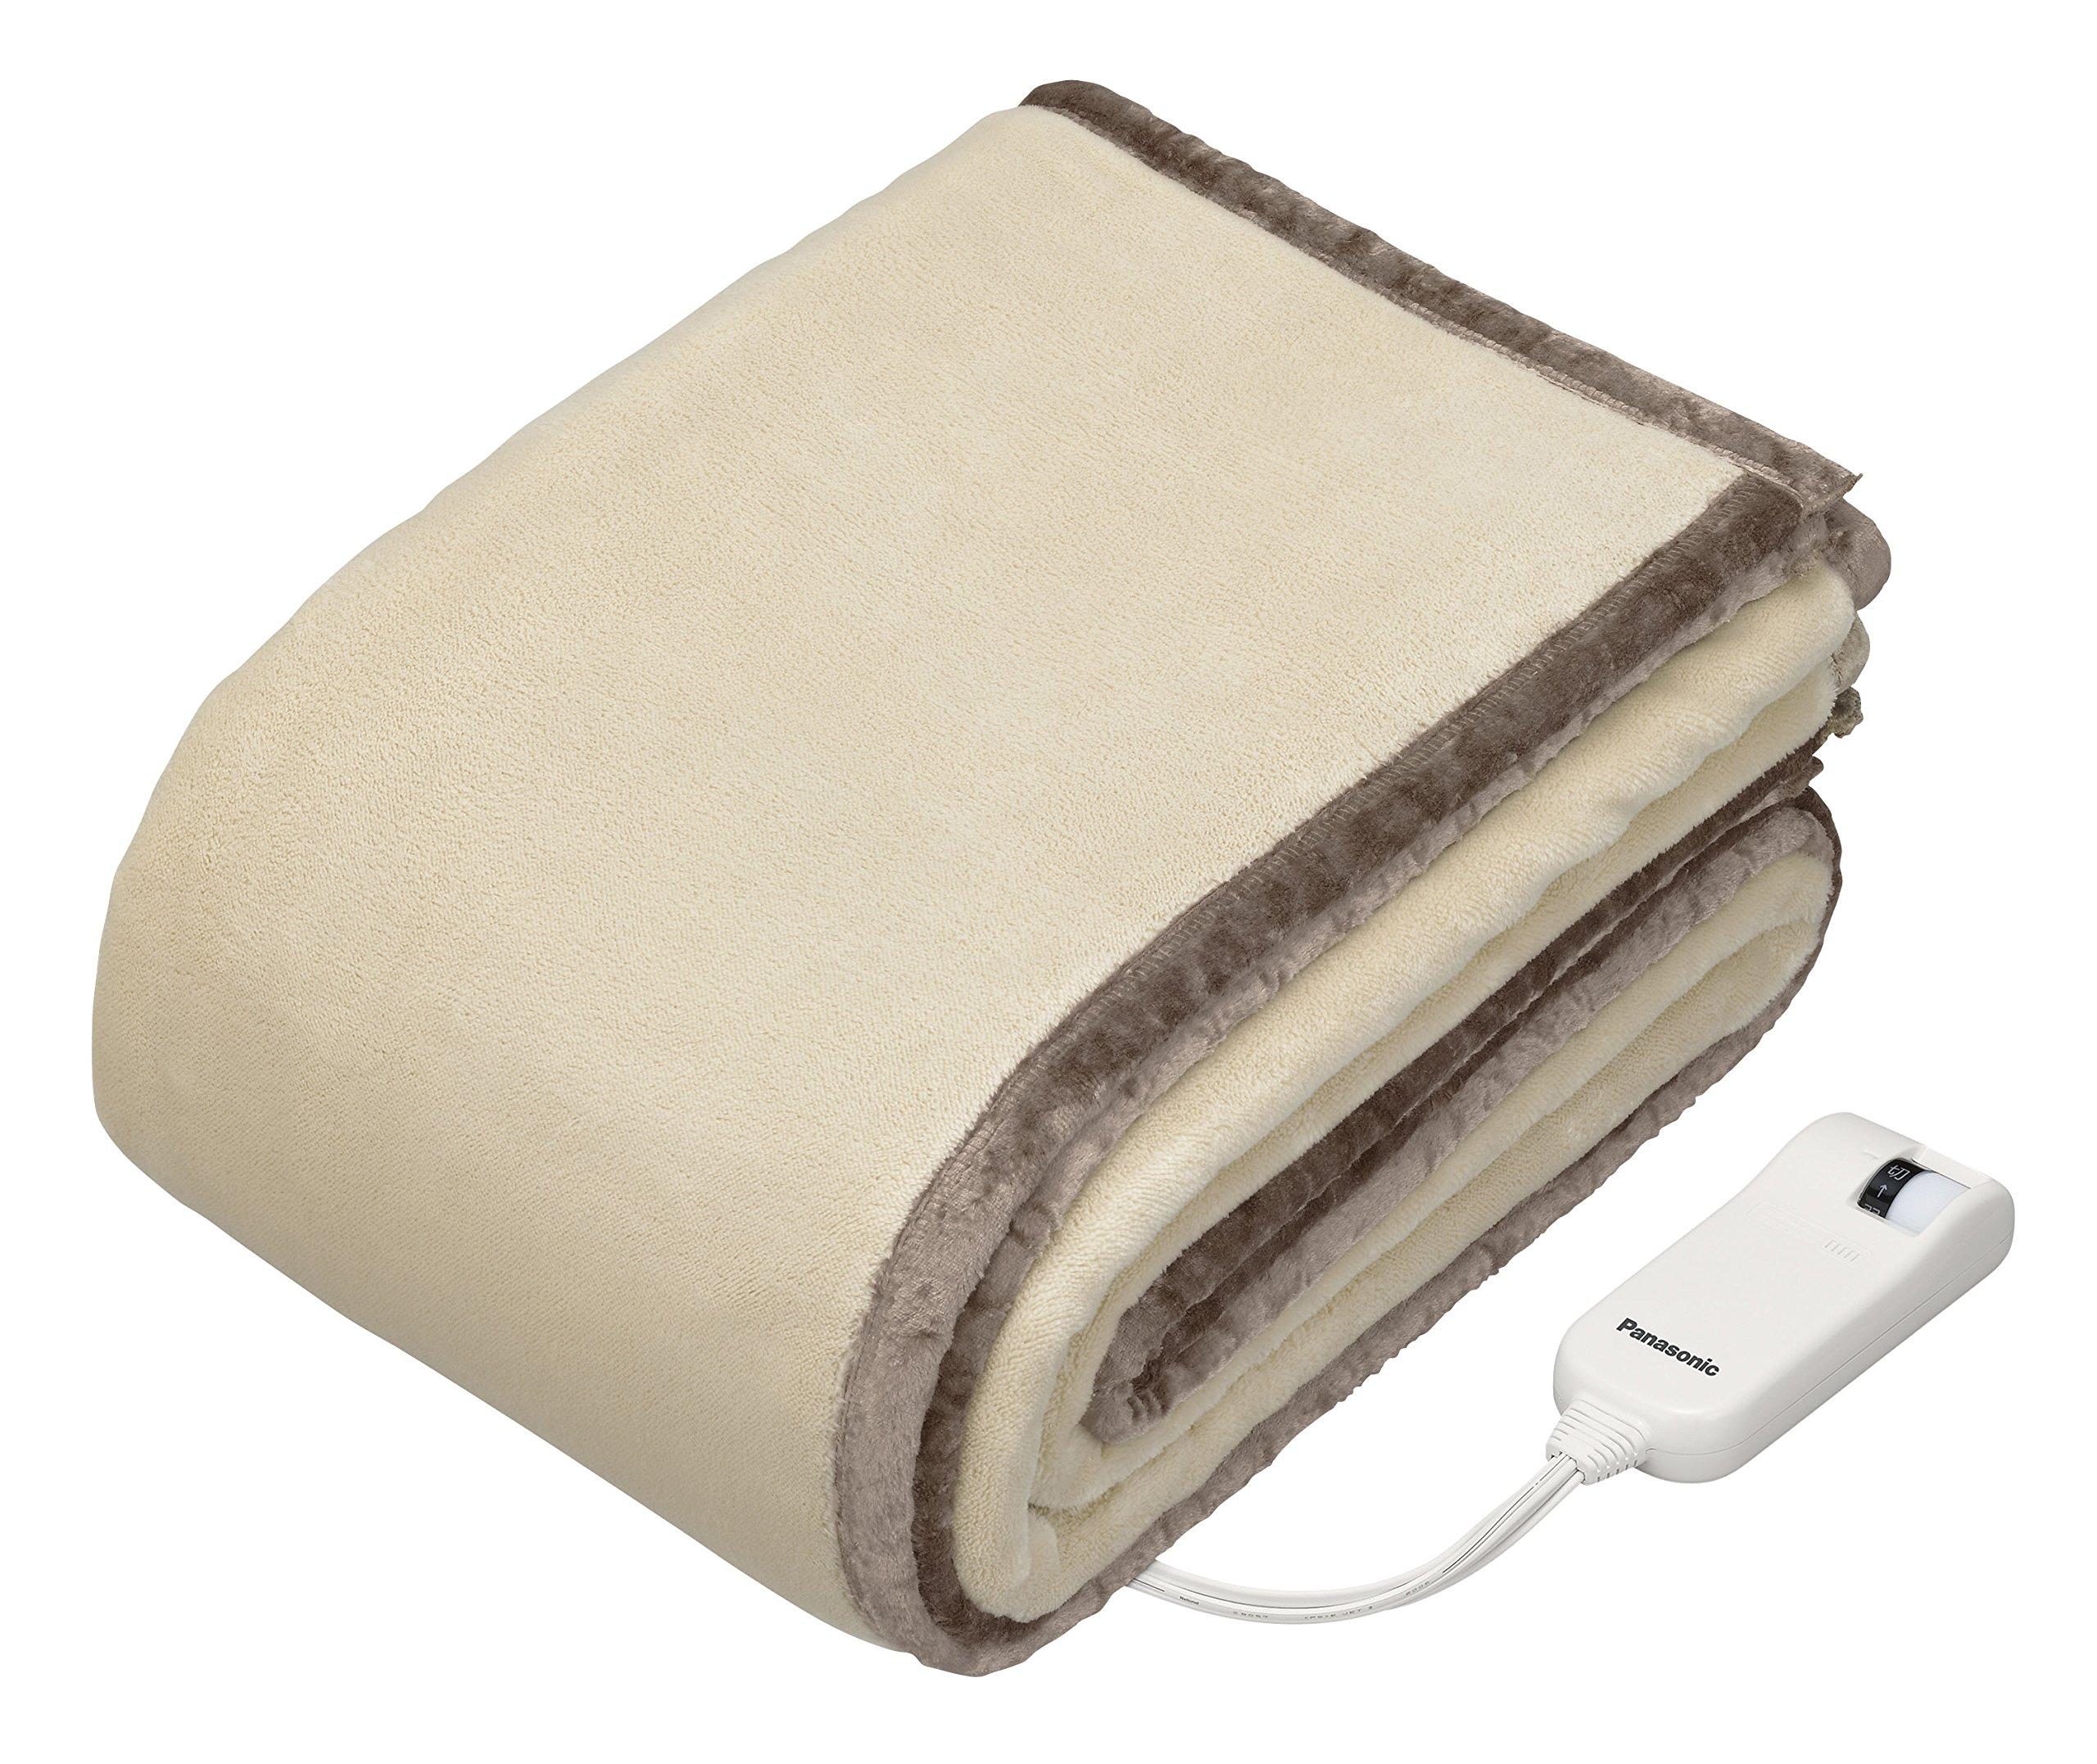 パナソニック 電気かけしき毛布 188×137cm 丸洗い可 ベージュ DB-RM3M-C